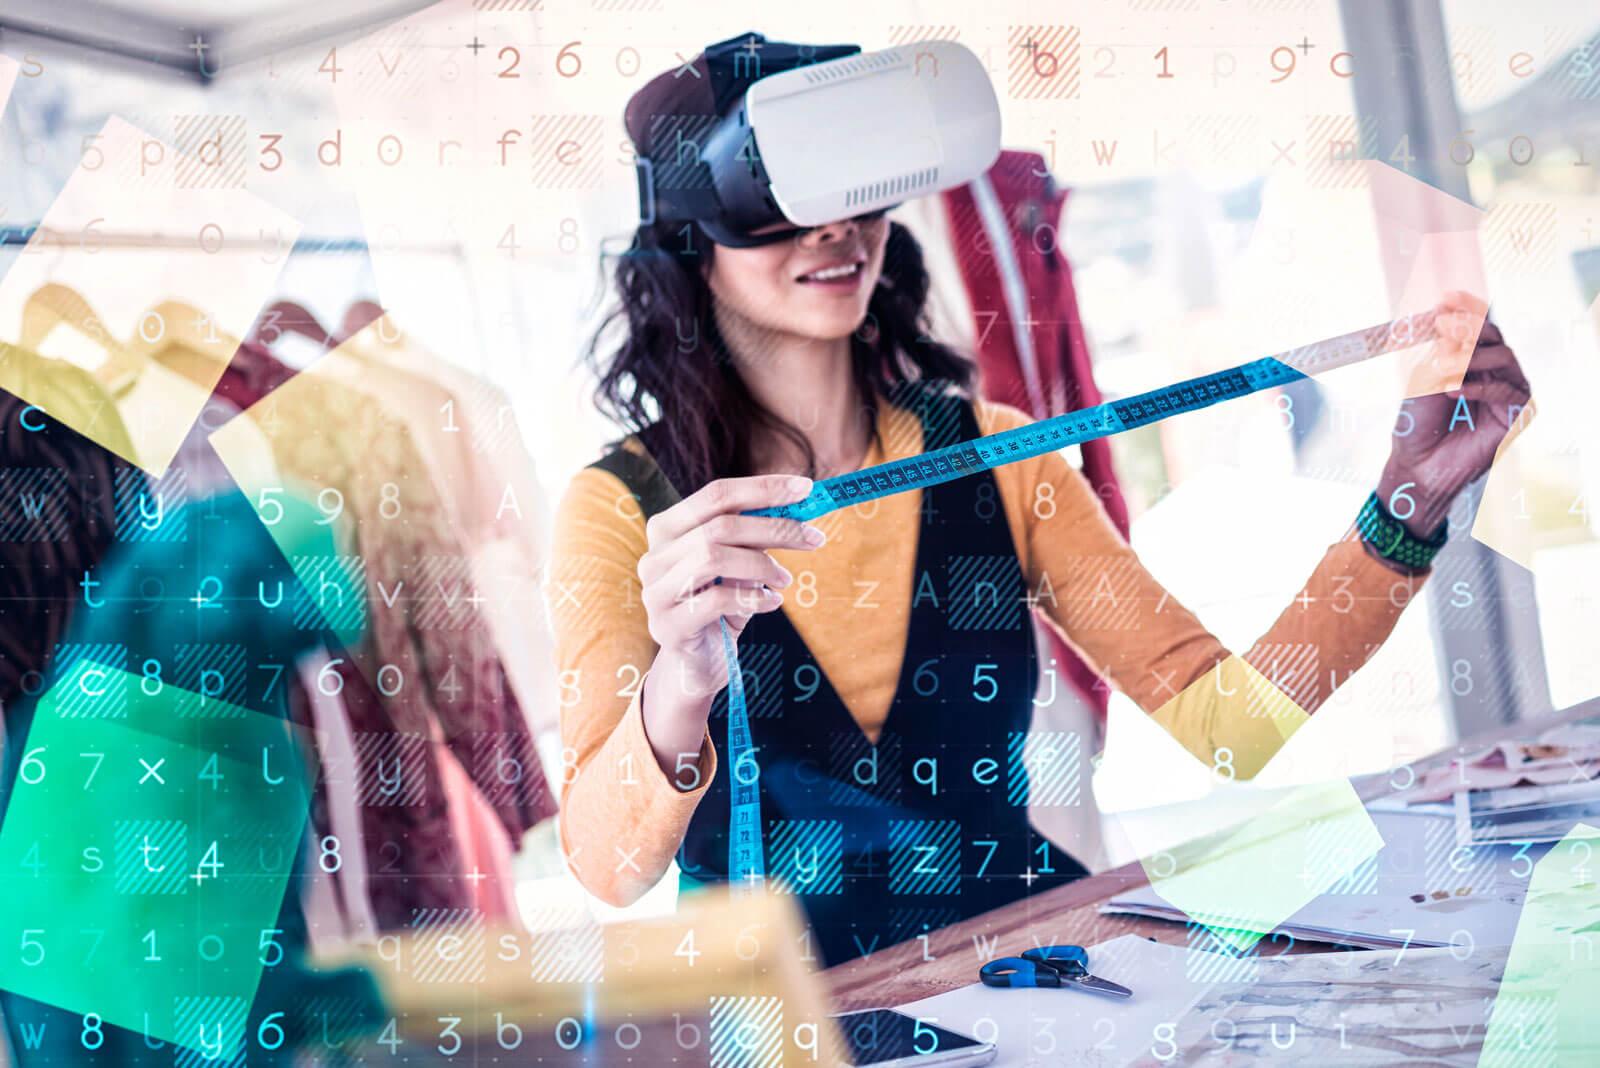 El sector de la moda italiana evoluciona rápidamente gracias a la tecnología digital